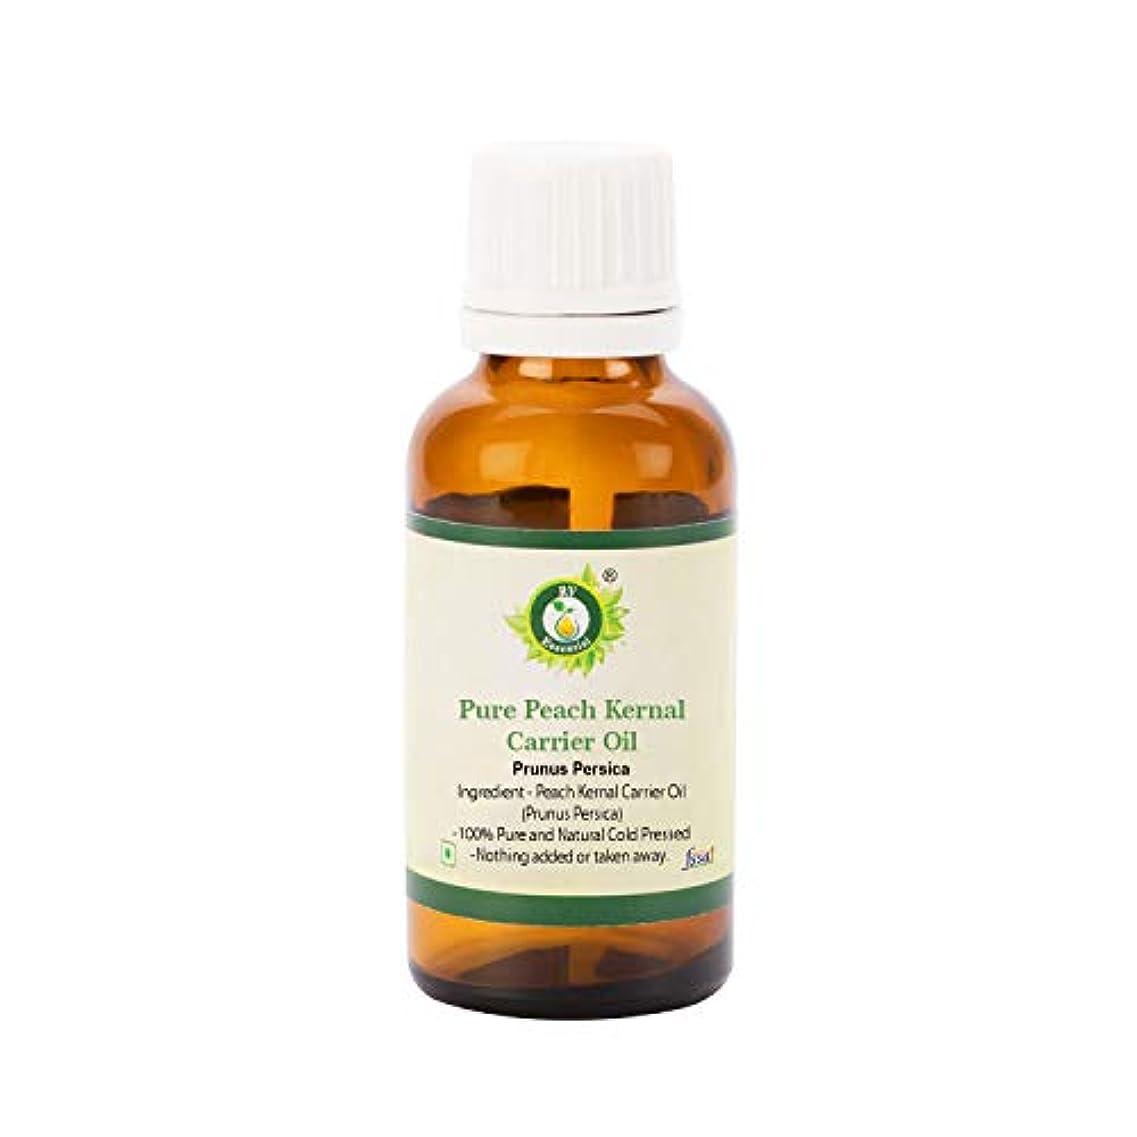 柔らかい足キリンケープR V Essential ピュアピーチ Kernalキャリアオイル10ml (0.338oz)- Prunus Persica (100%ピュア&ナチュラルコールドPressed) Pure Peach Kernal...